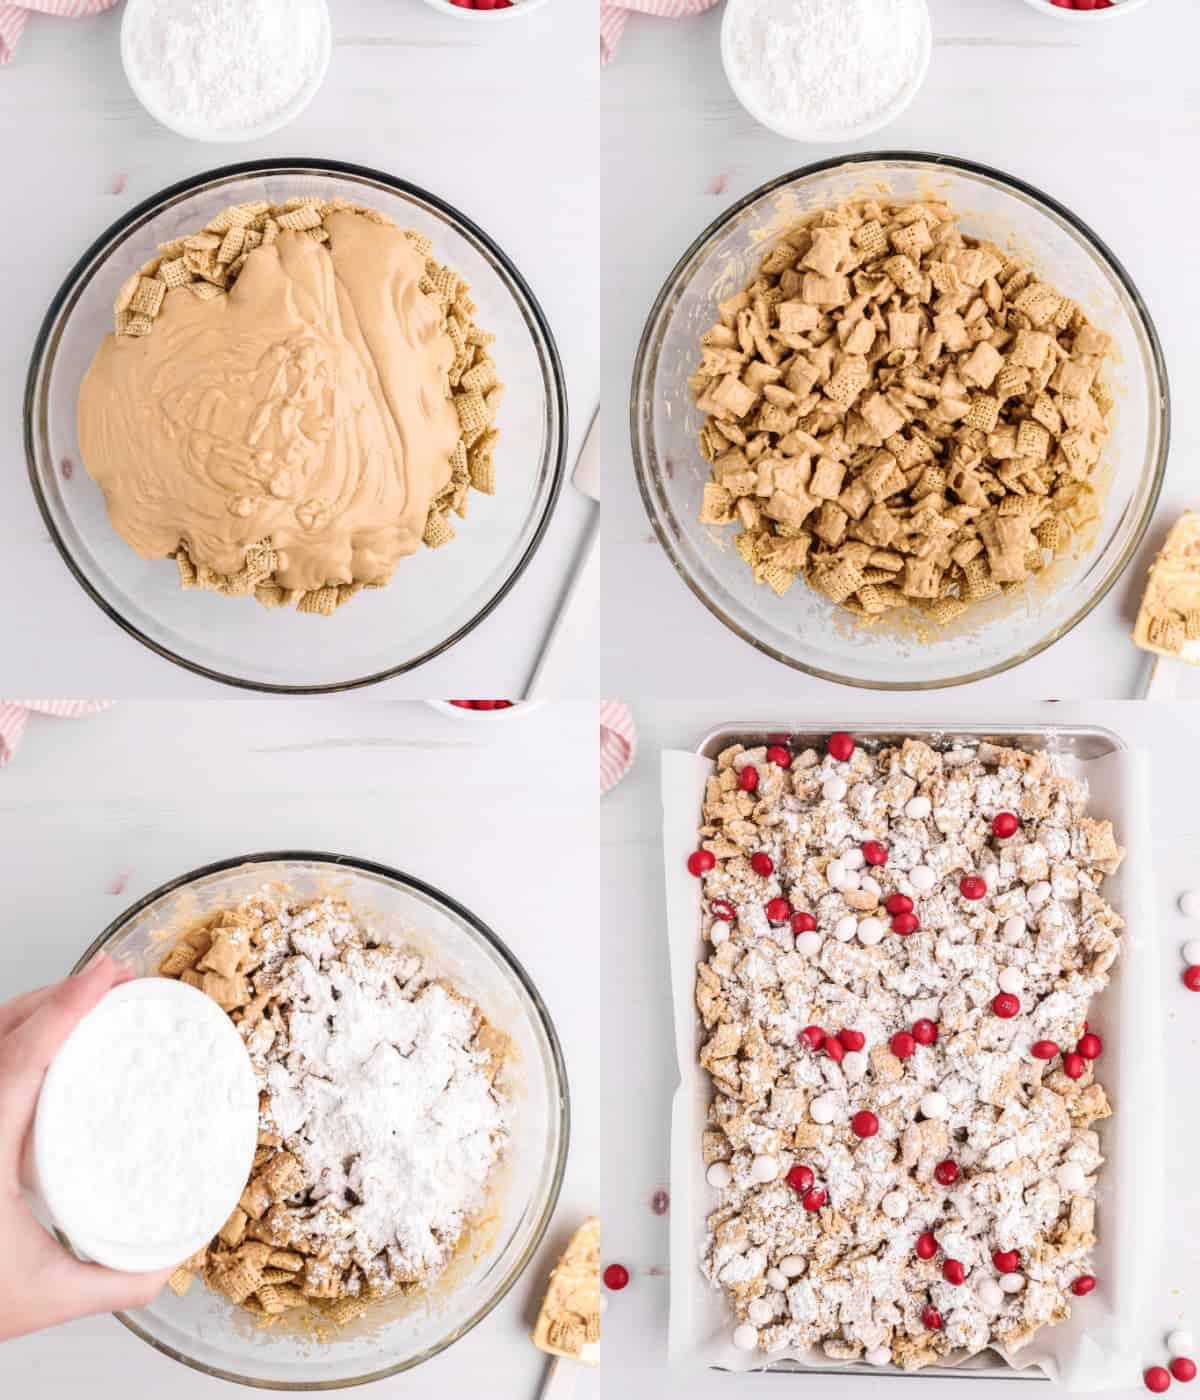 Cuatro fotos de proceso.  Primero, cereal de arroz con una mezcla de mantequilla de maní y chocolate encima en un tazón grande.  Segundo, todo mezclado en un bol.  Tercero, azúcar en polvo espolvoreado encima.  Cuarto, amigos embarrados colocados en una fuente para hornear forrada con papel pergamino con M & M's rojos y rosados esparcidos por todas partes.